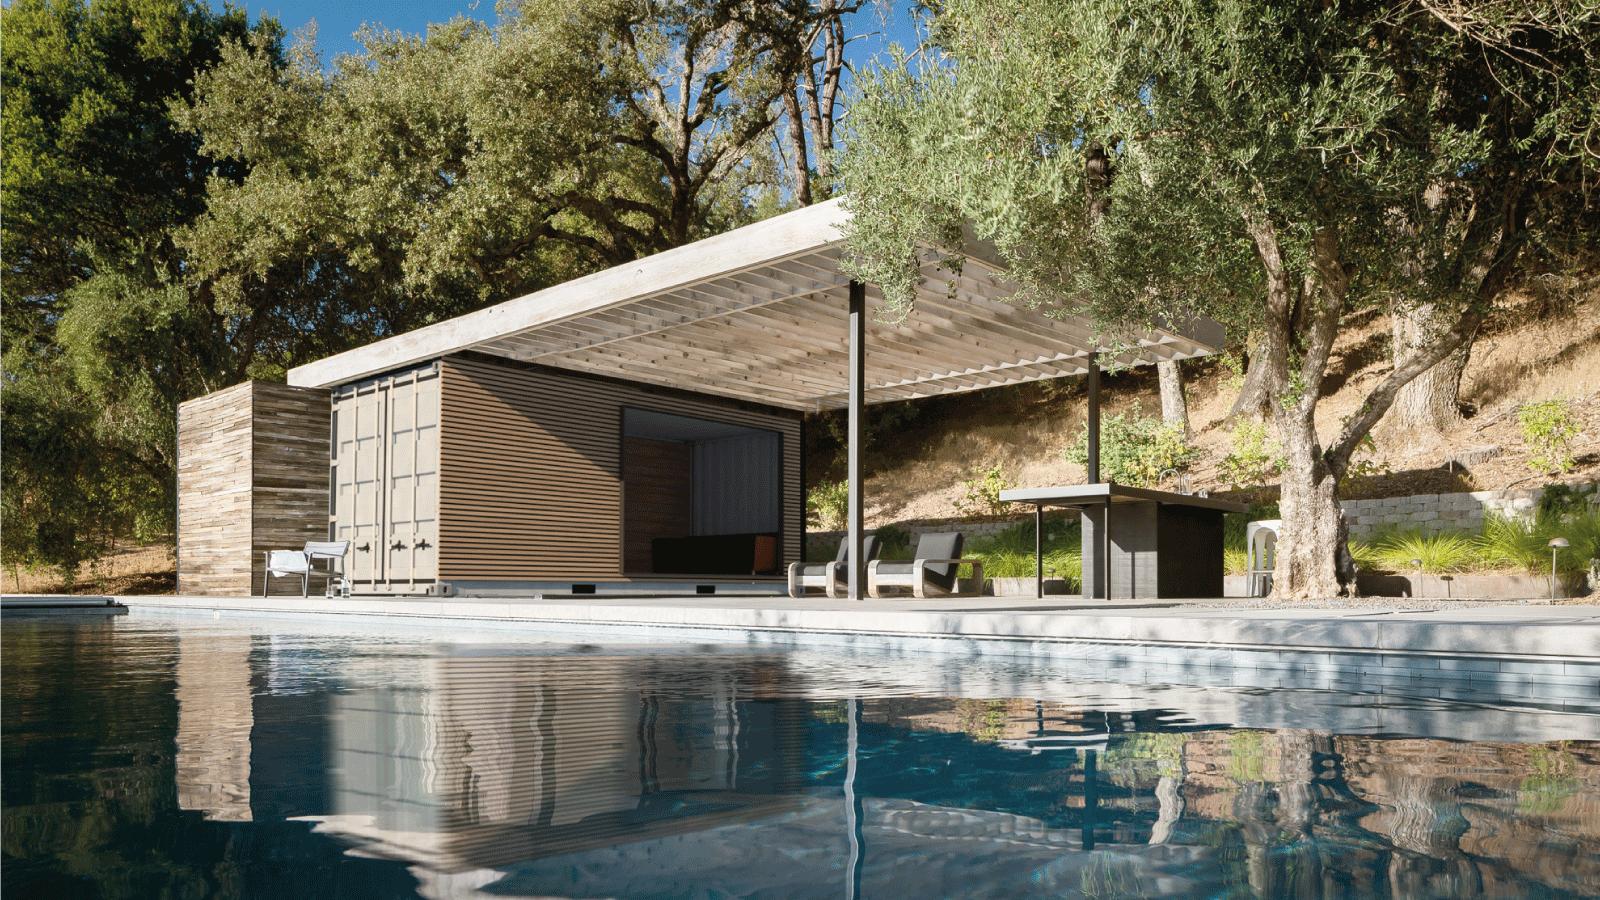 pool house cuisine exterieur design lacase